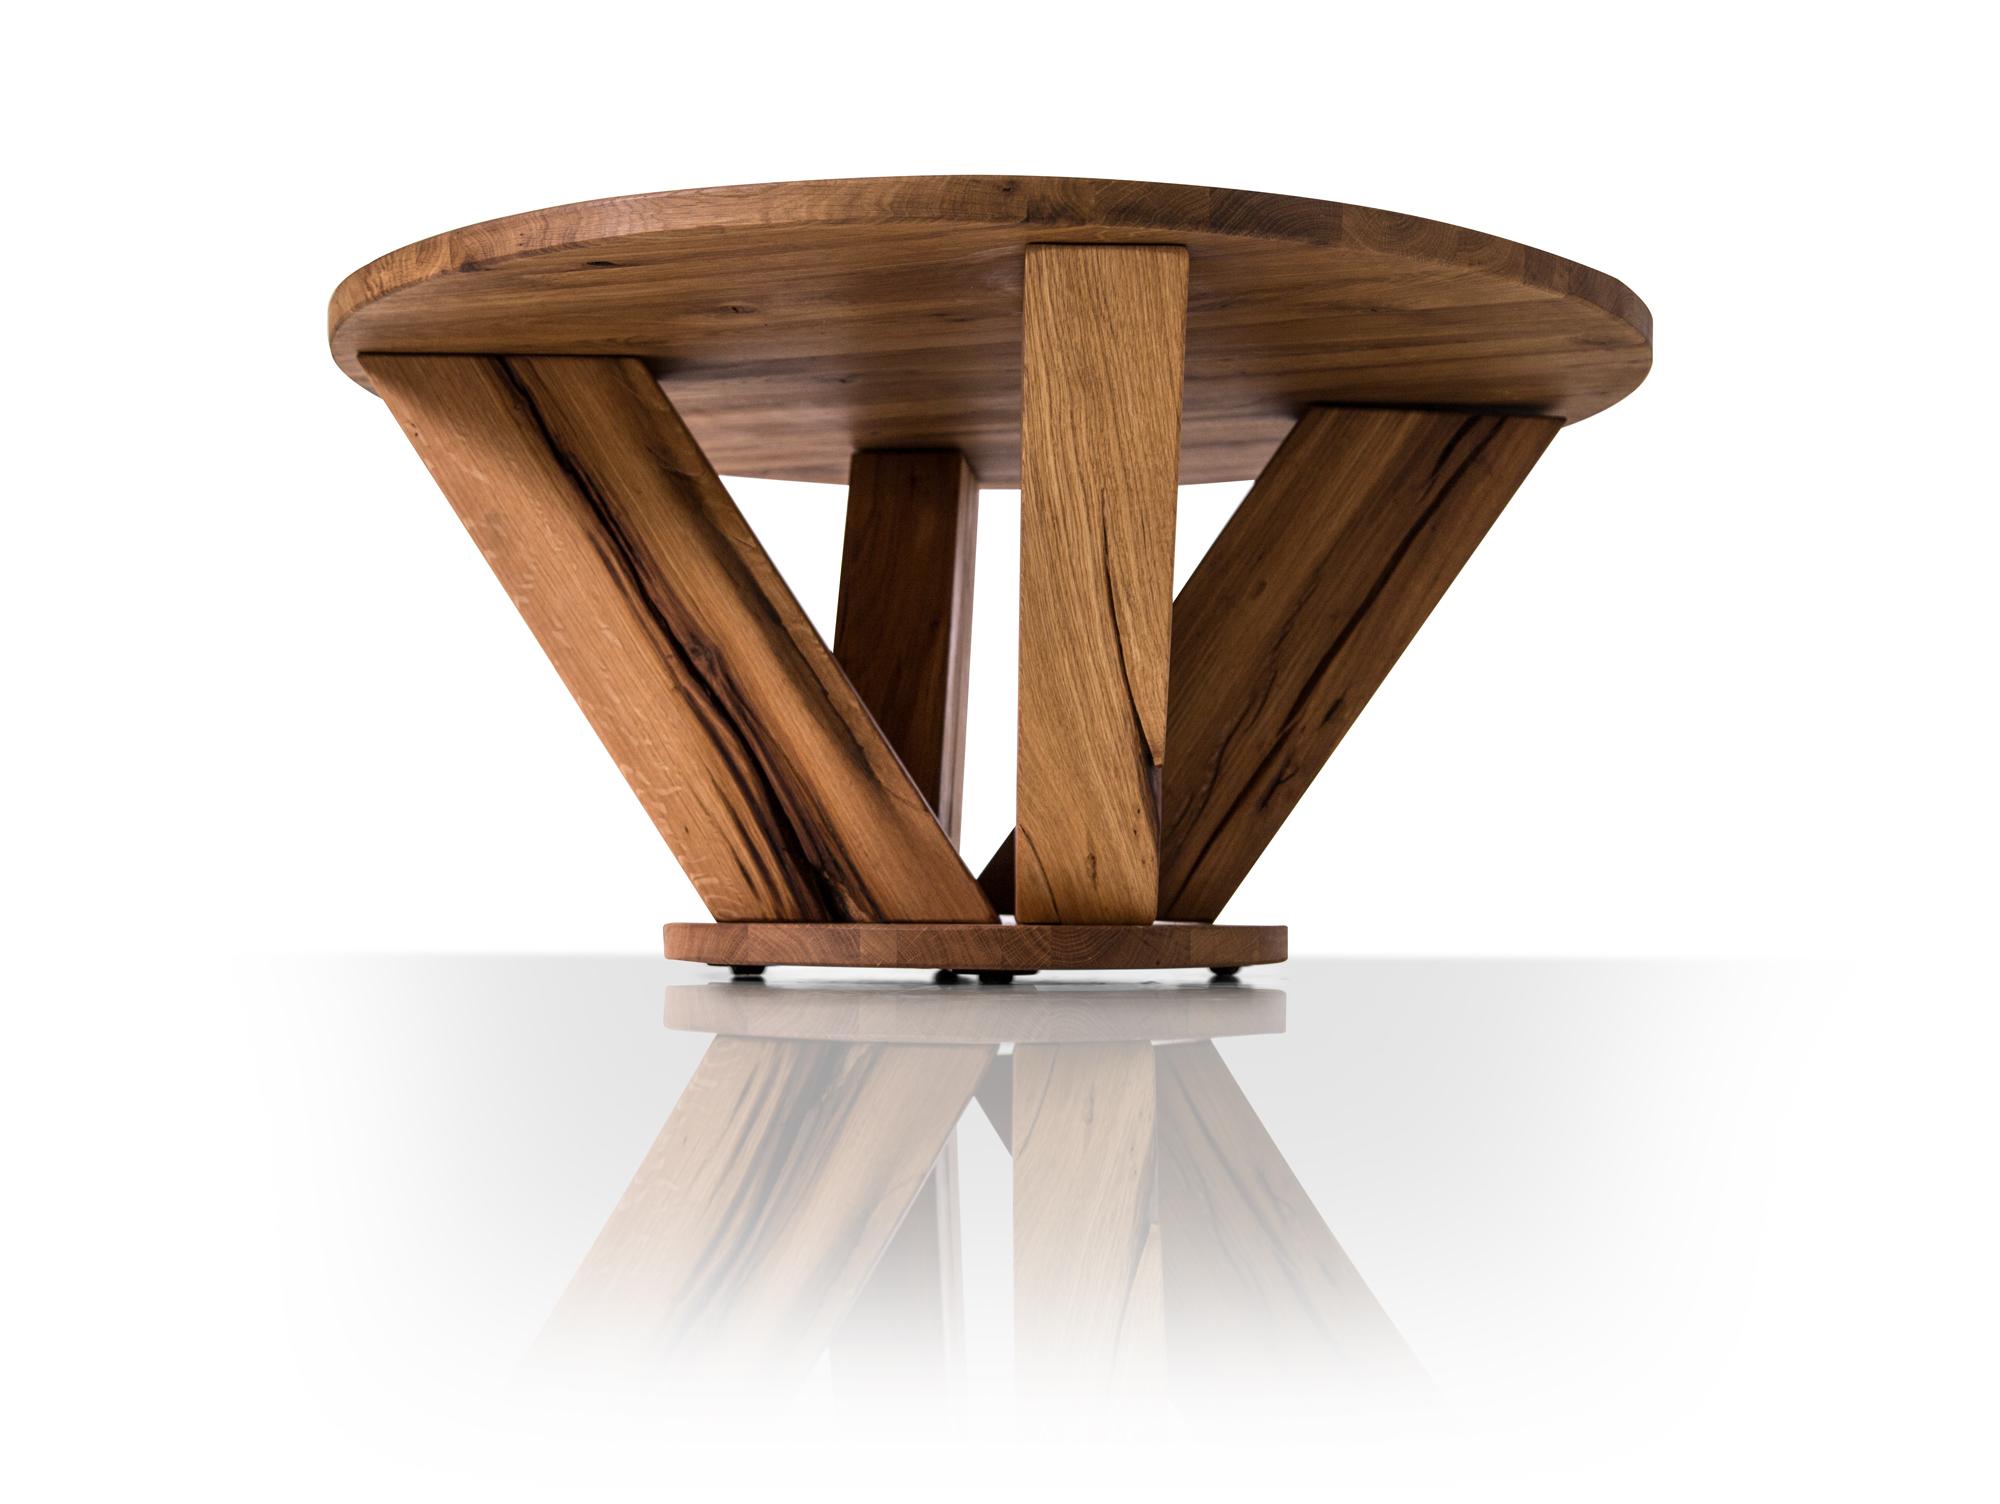 washington couchtisch wildeiche ge lt mit holzplatte. Black Bedroom Furniture Sets. Home Design Ideas